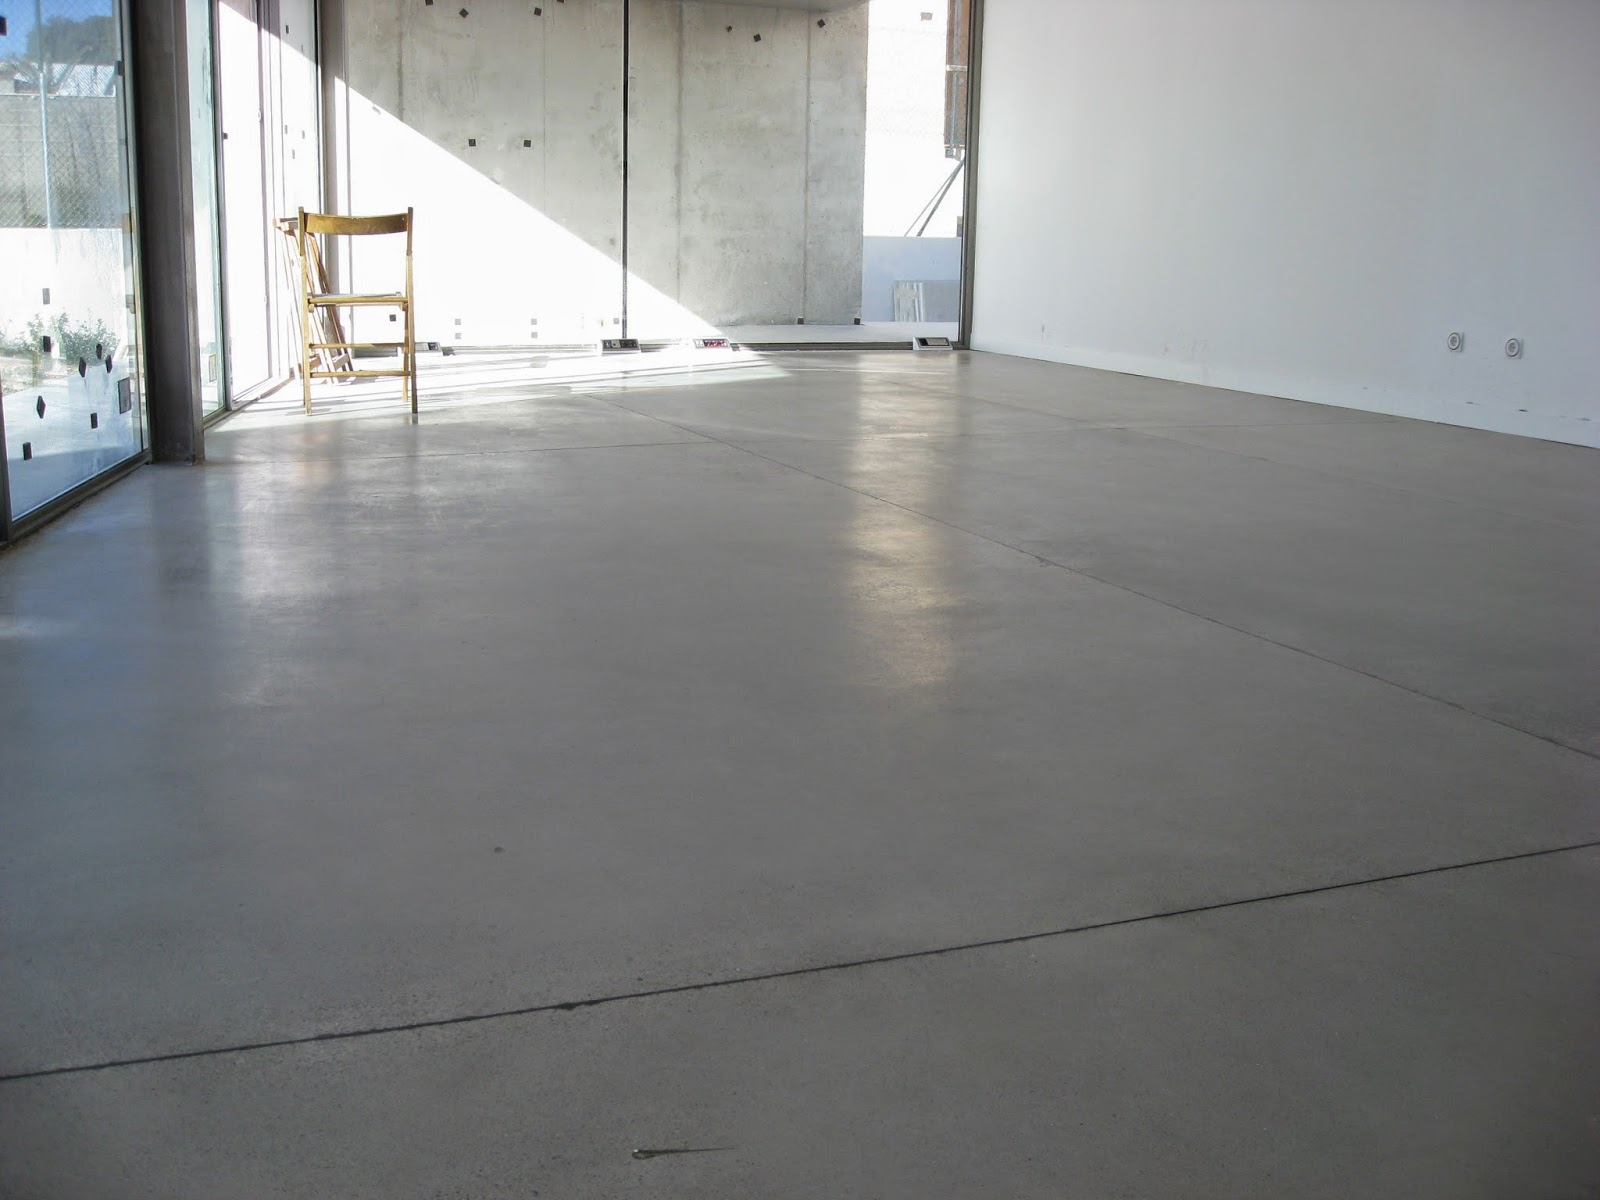 Suelo hormigon pulido elegant suelo cemento pulido with - Cemento para suelo ...